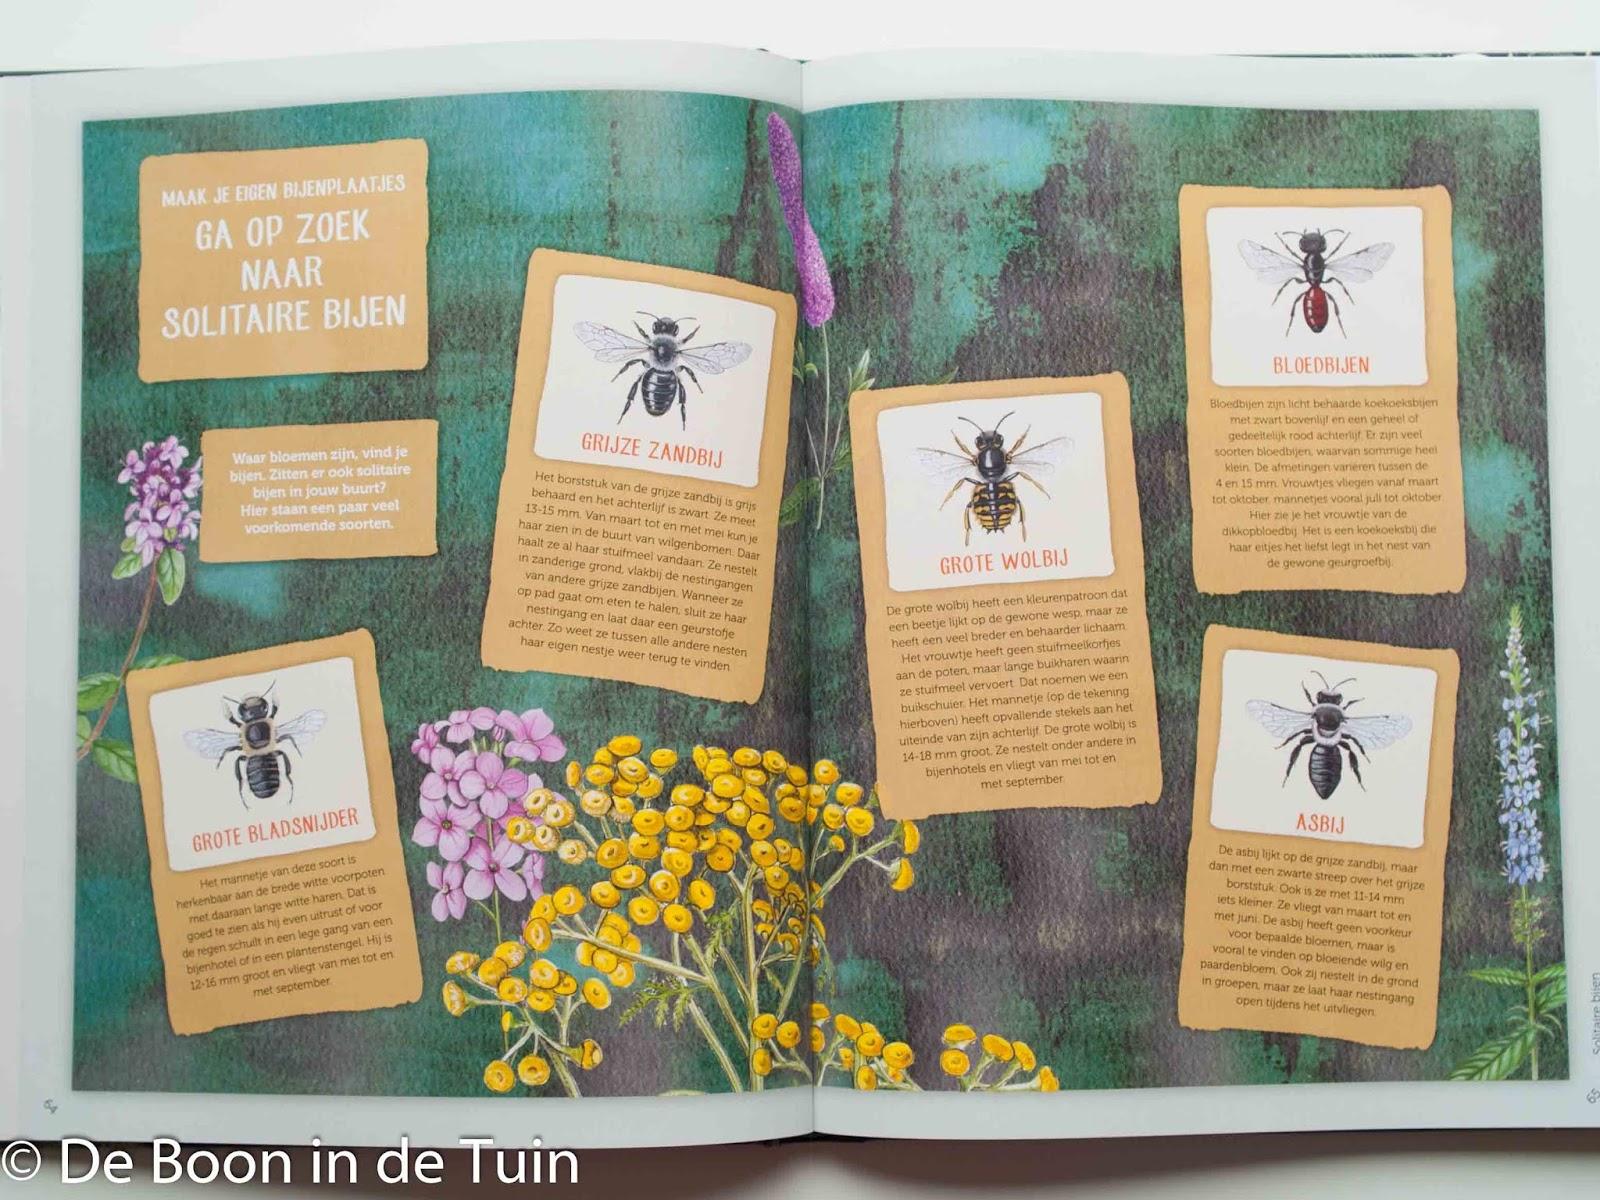 recensie handboek bijenfans bijen bijensterfte japser de ruiter gerard sonnemans